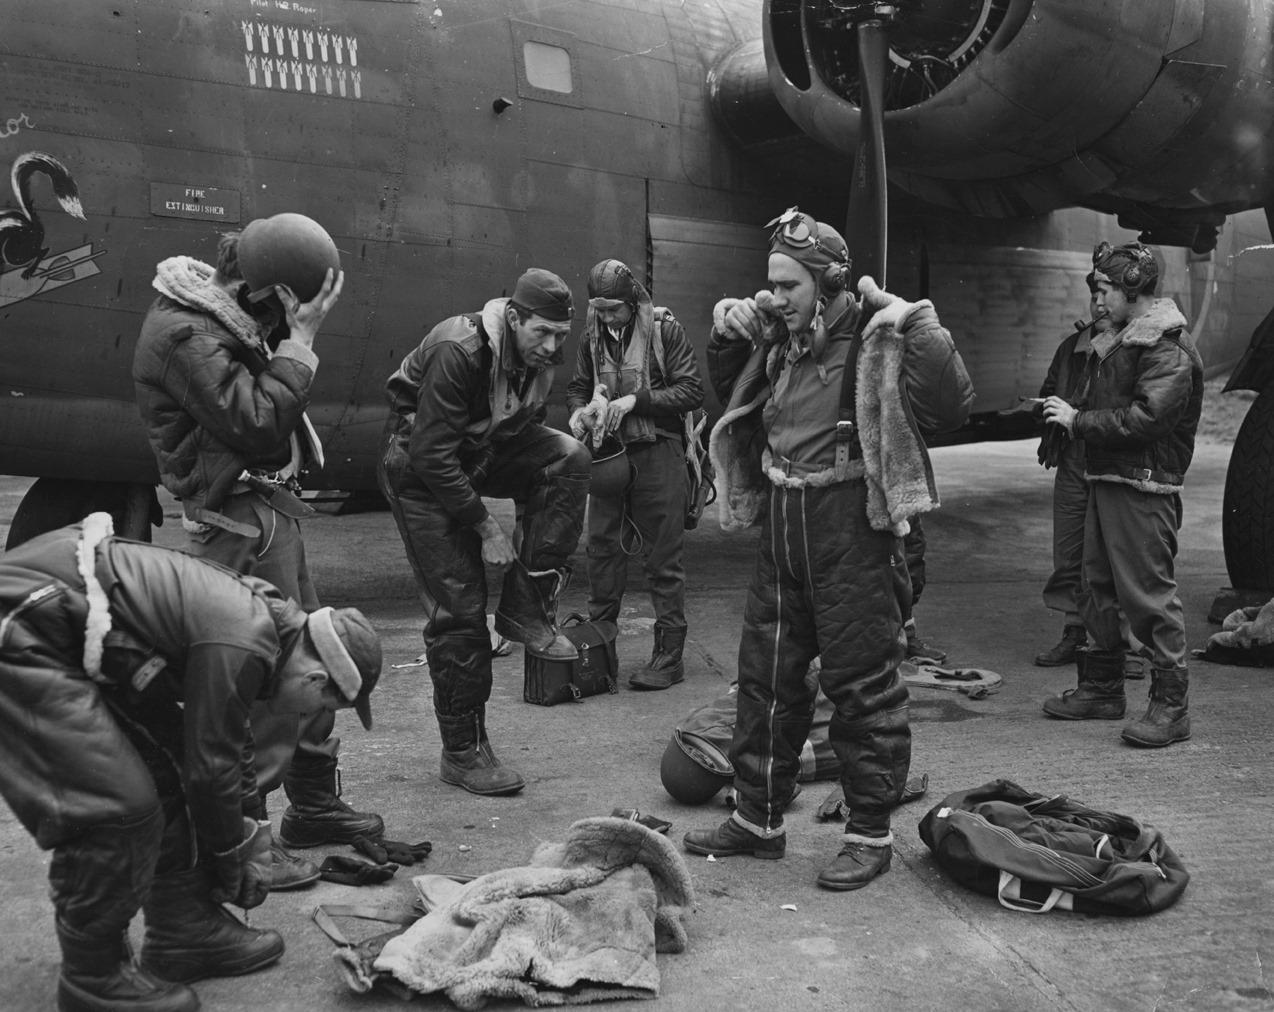 bomber crew liberator 93 rd bg.jpg